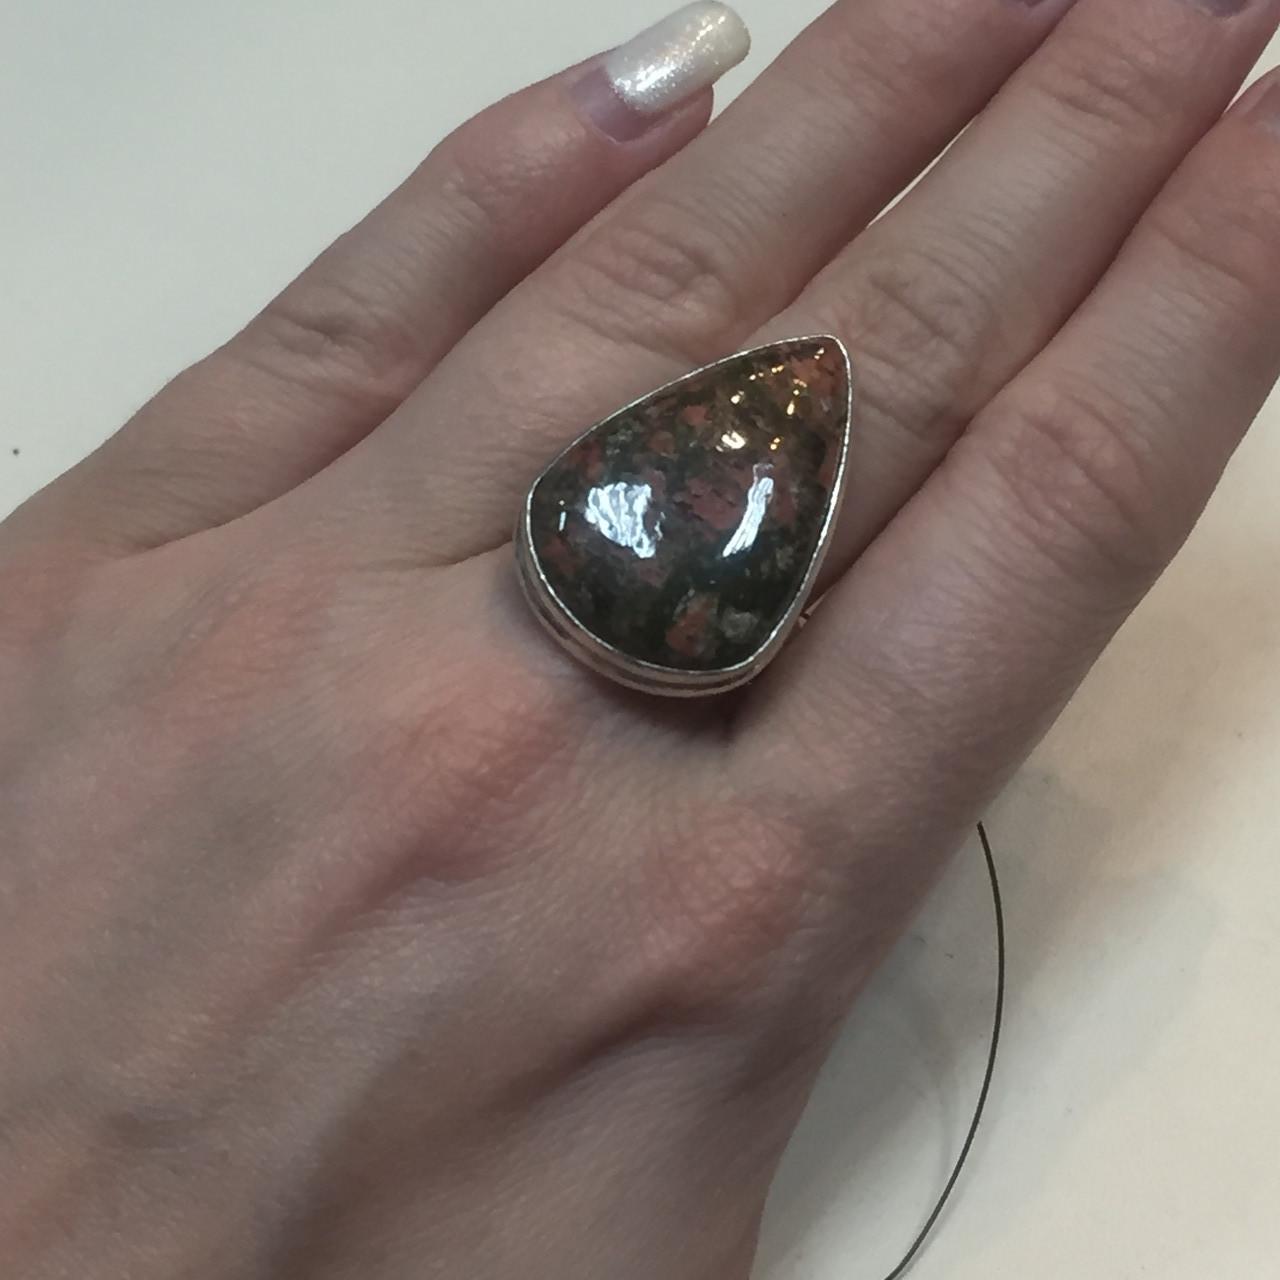 Унакит красивое кольцо капля с унакитом яшма в серебре. Размер кольца 17,5. Индия